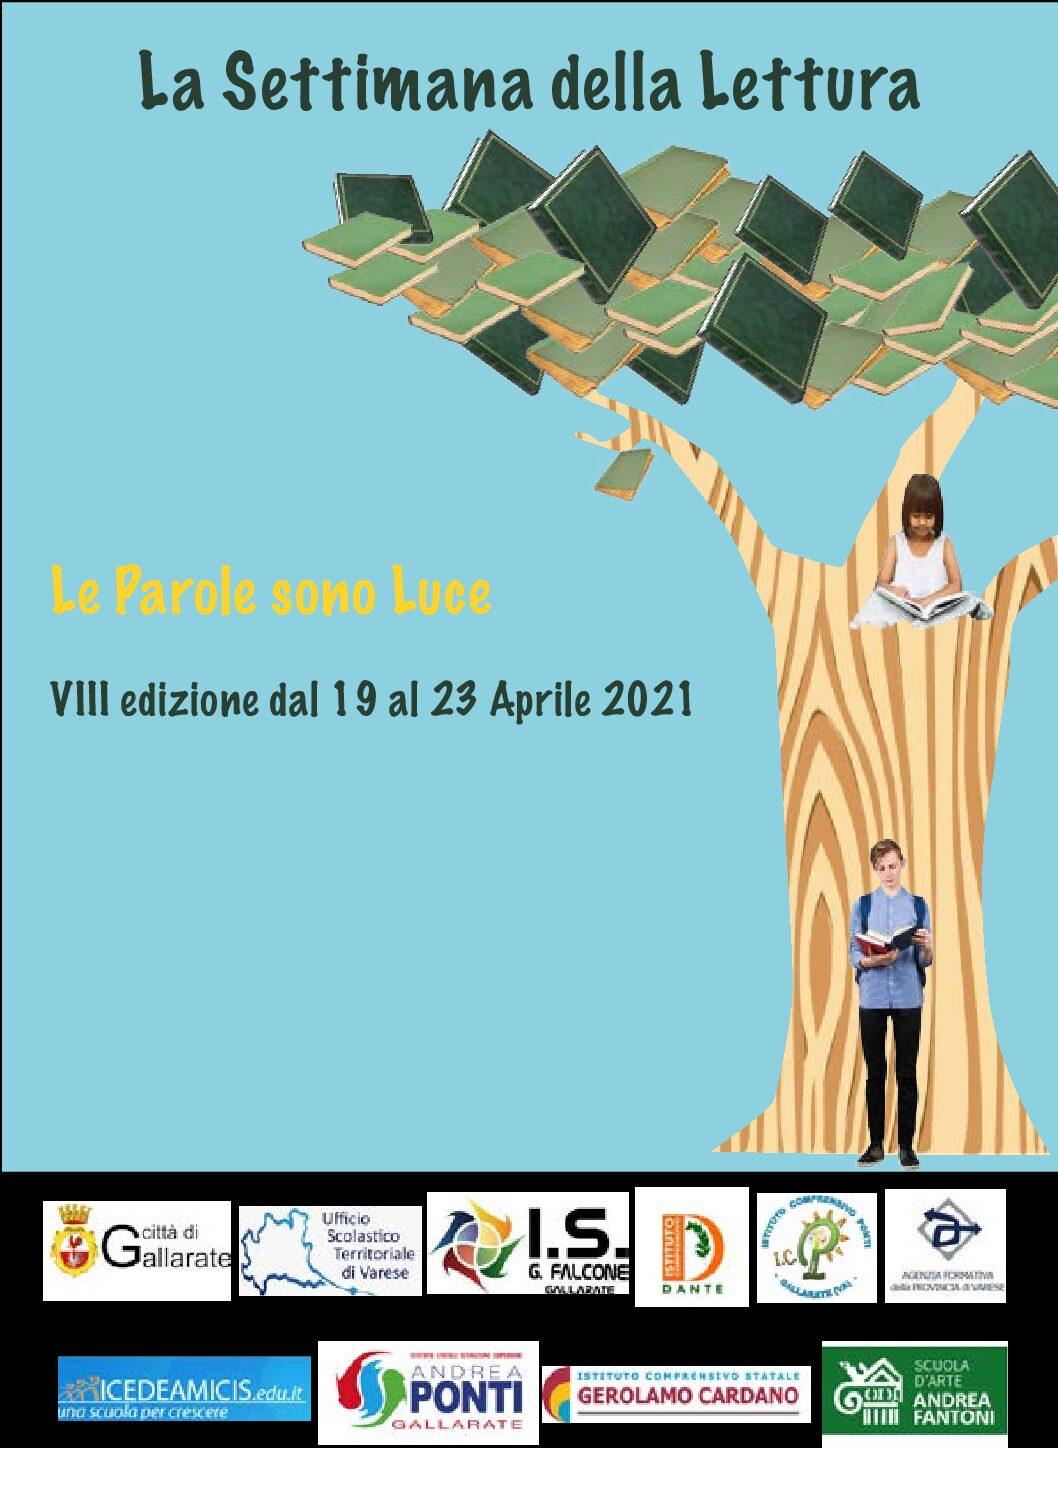 SETTIMANA DELLA LETTURA DAL 19 AL 25 APRILE 2021